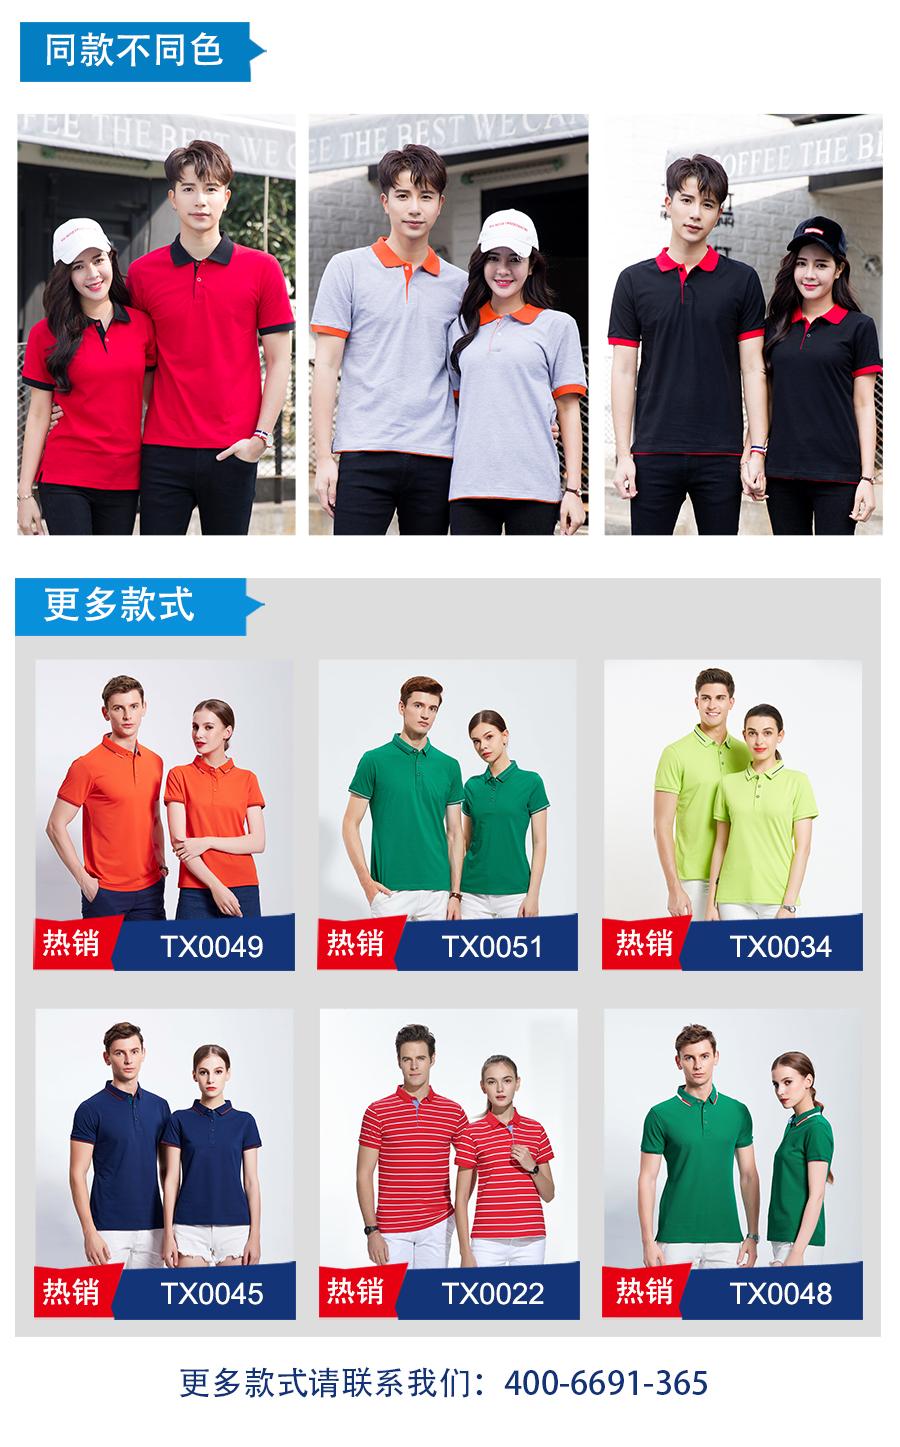 订做文化衫同款不同色.jpg